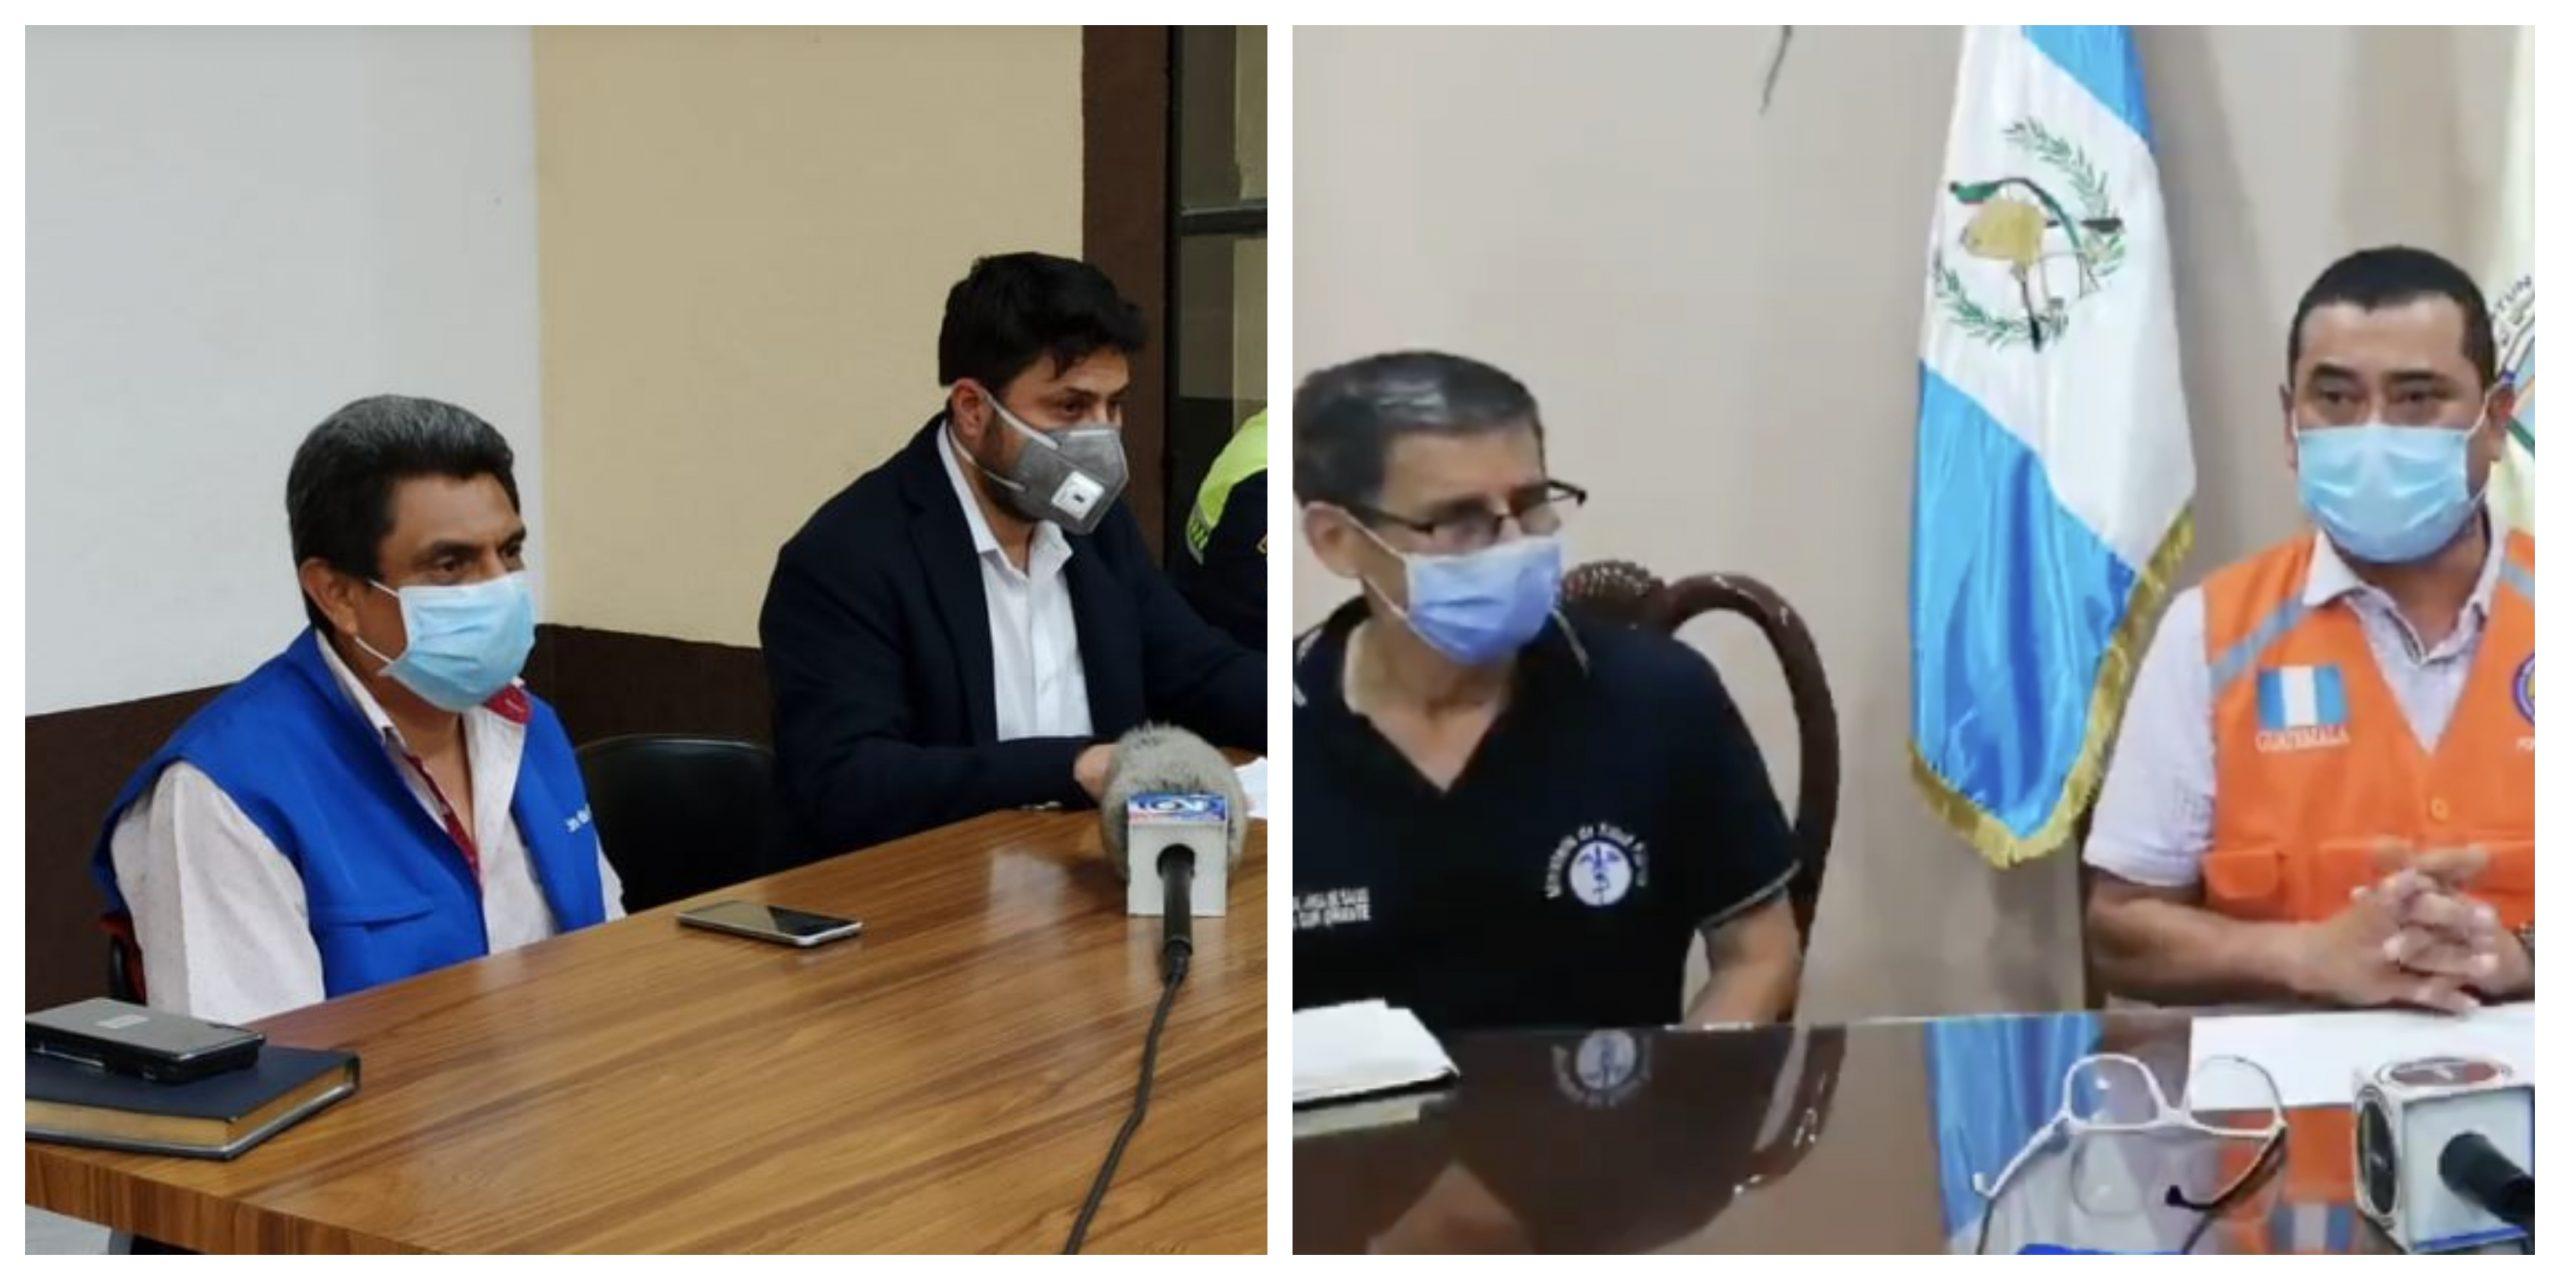 Las autoridades de salud de los departamentos de Jalapa y del municipio de Potpún, en Petén, brindaron conferencias de prensa para anunciar sus casos de COVID-19. (Foto: Oriente News y Twitter)